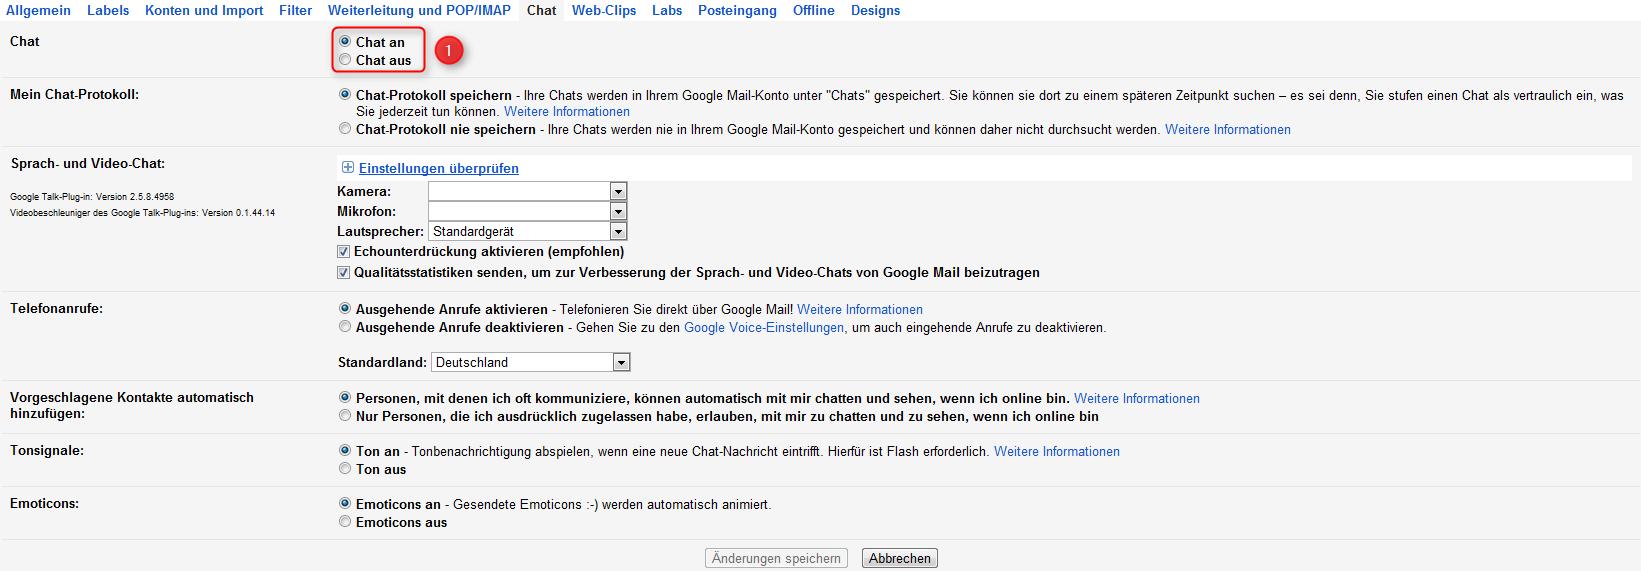 07-google-mail-alle-einstellungsmoeglichkeiten-chat-470.png?nocache=1326361734922